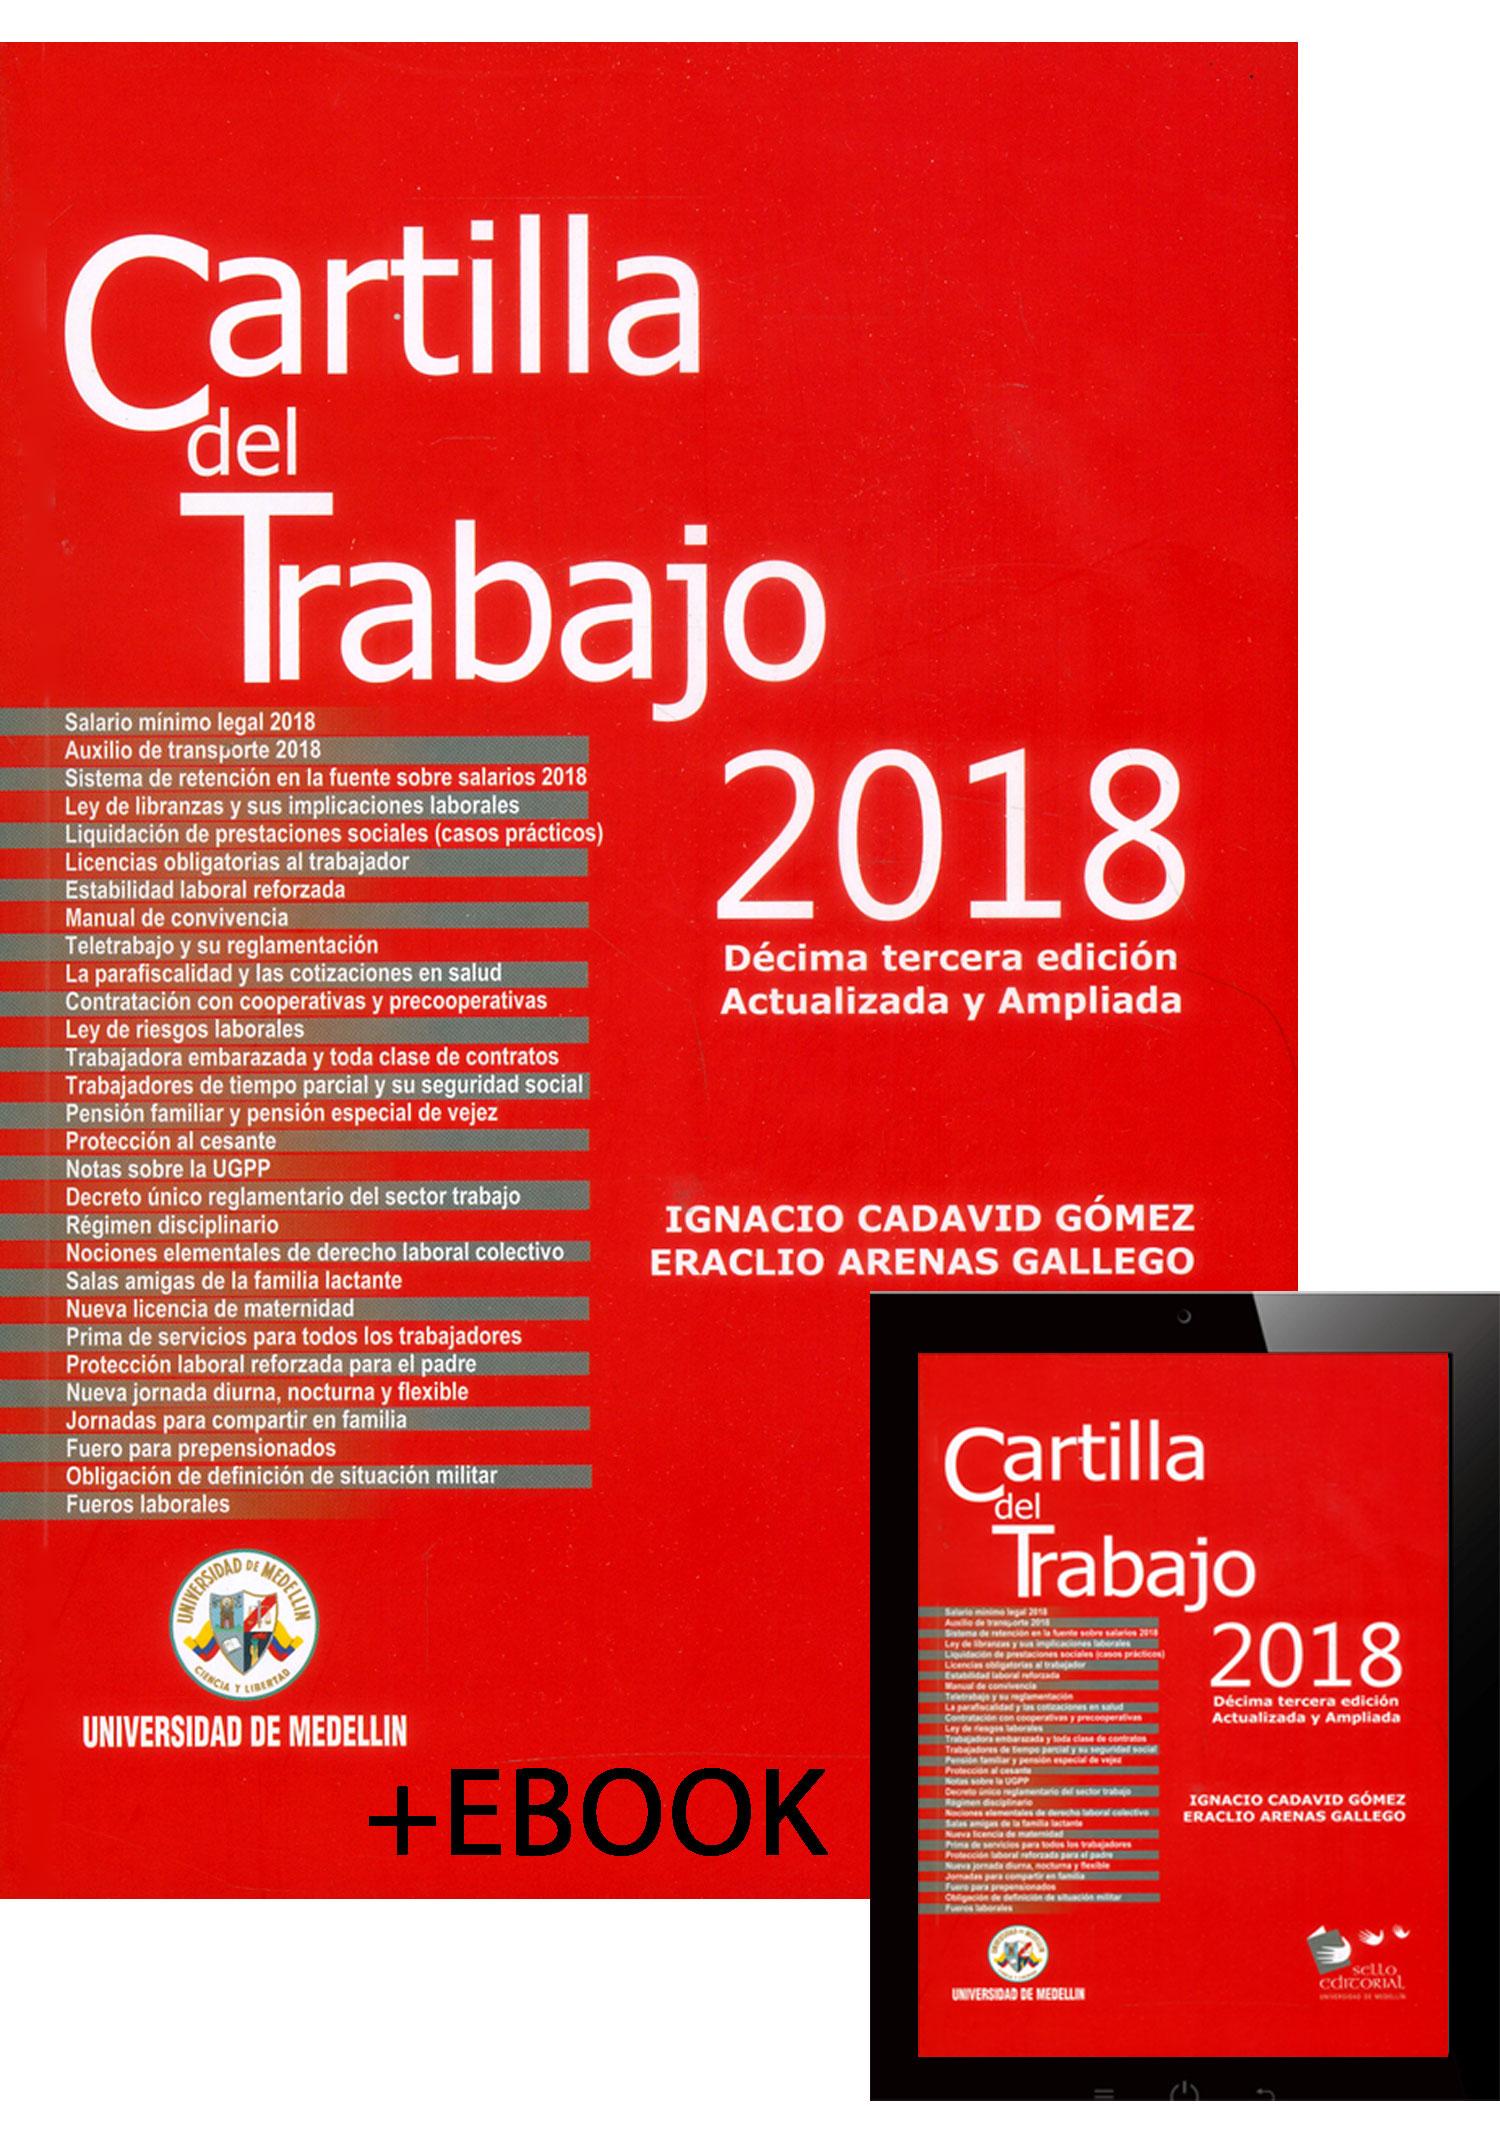 Cartilla del trabajo 2018   Libro Electrónico